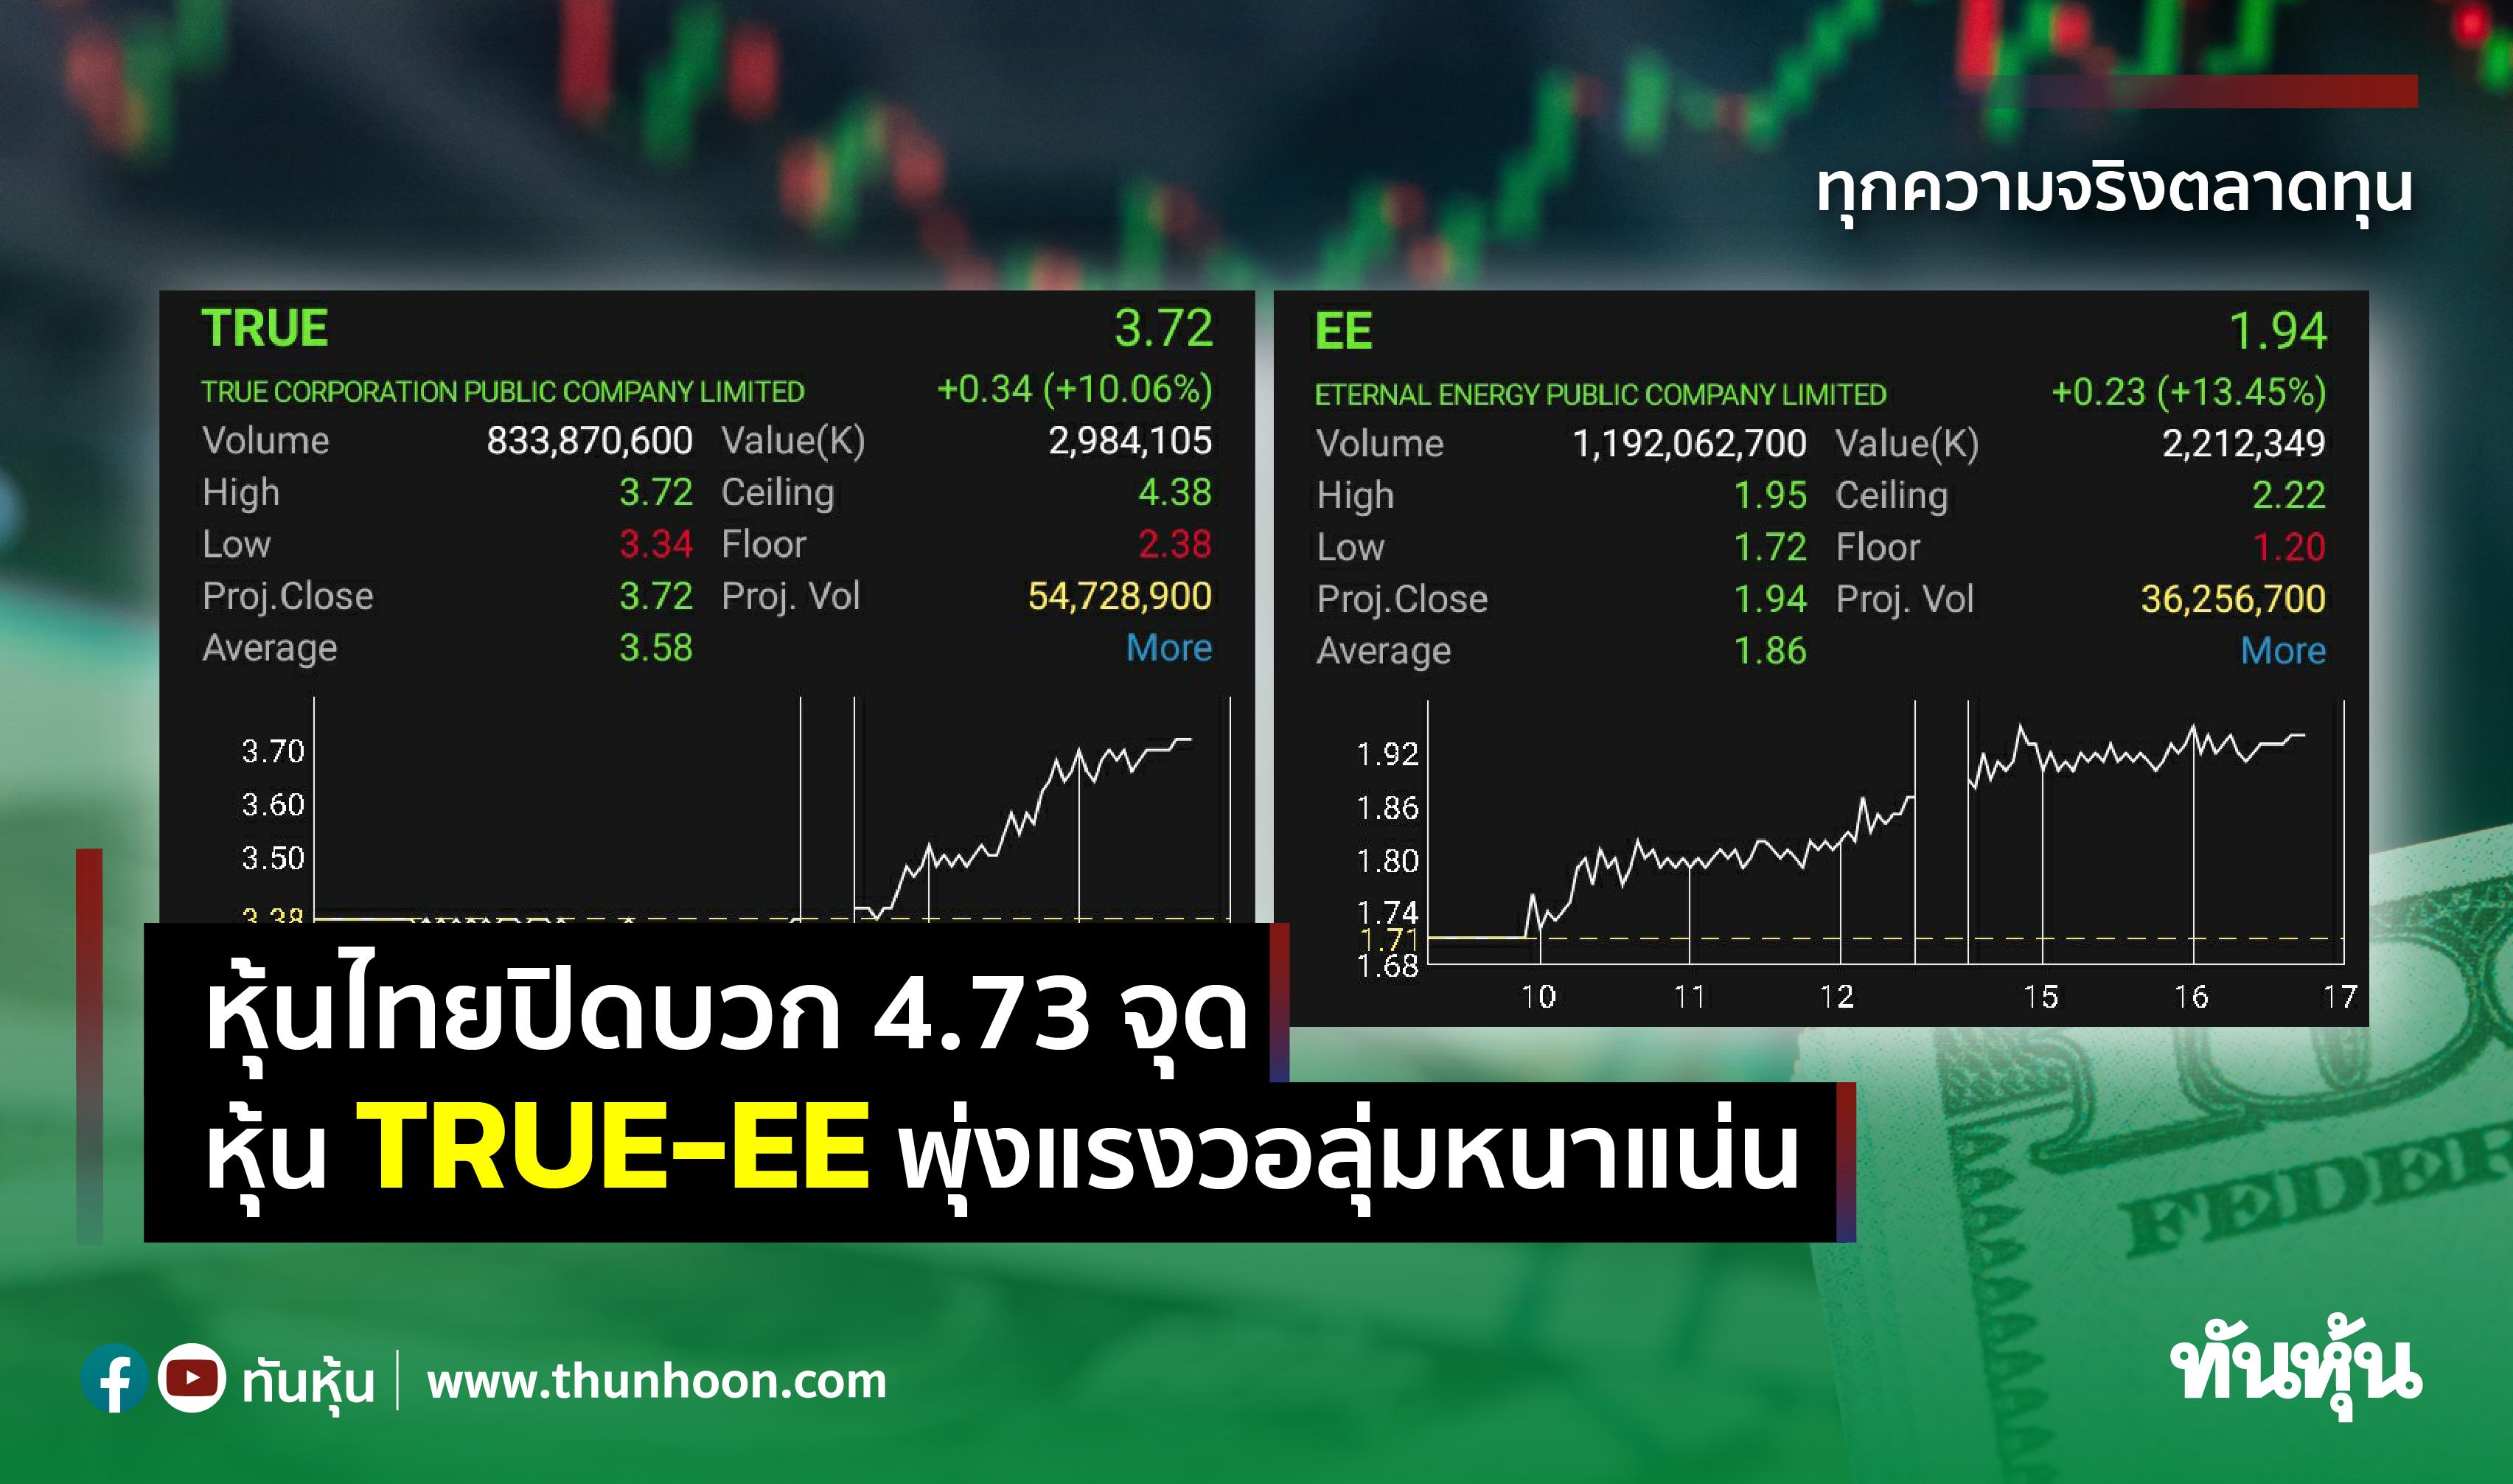 หุ้นไทยปิดบวก 4.73 จุด ซื้อหุ้น TRUE-EE พุ่งแรงวอลุ่มหนาแน่น